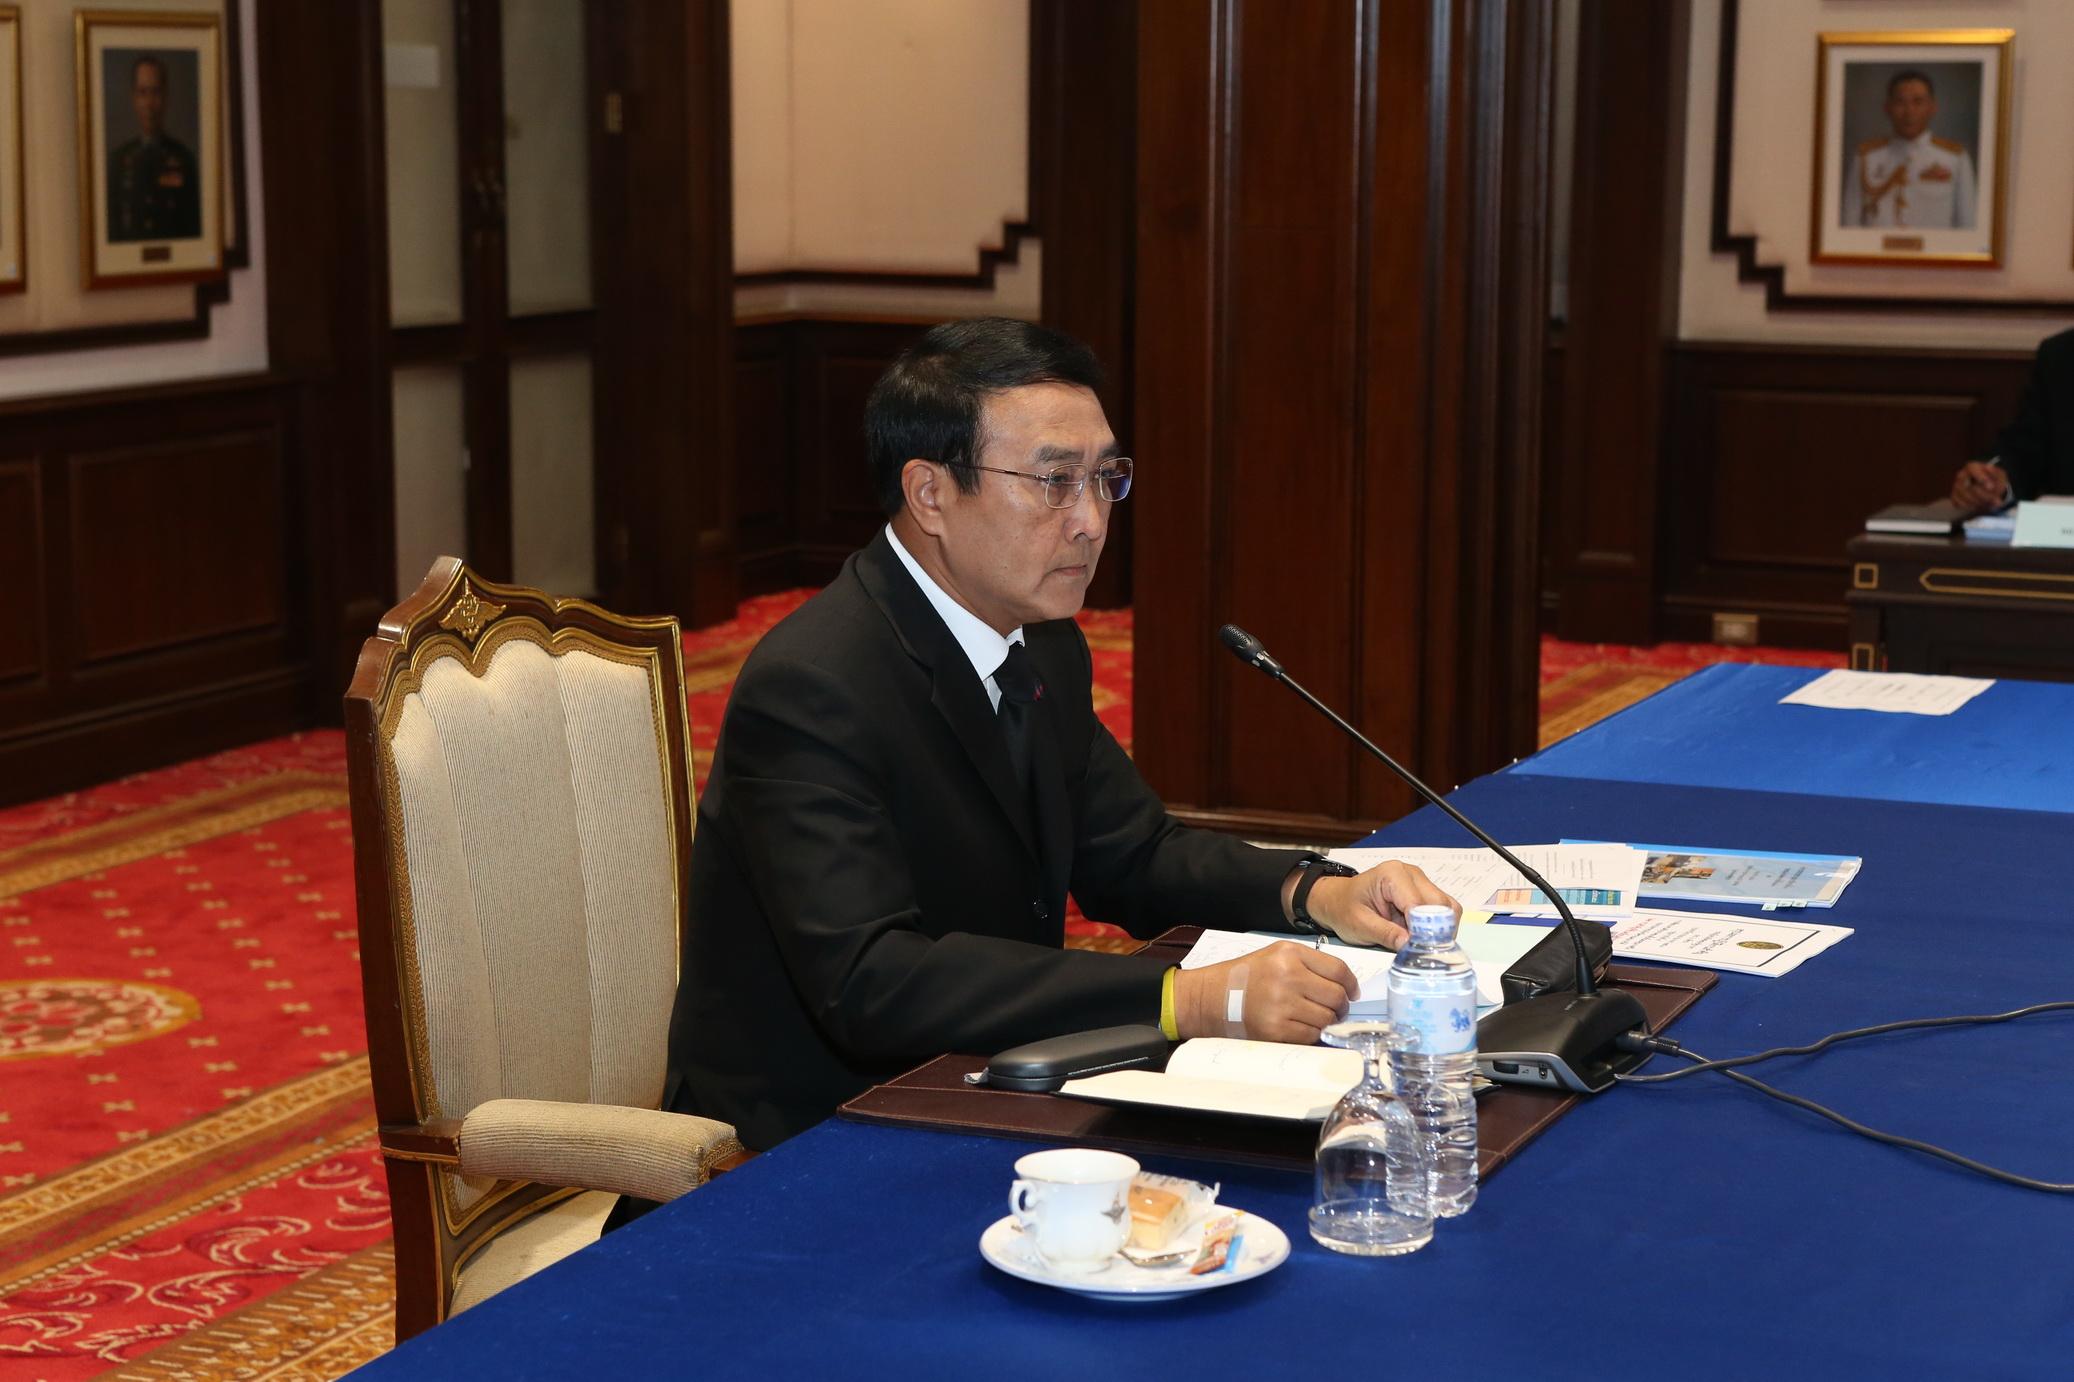 พลเอก อุดมเดช สีตบุตร รัฐมนตรีช่วยว่าการกระทรวงกลาโหม ในฐานะหัวหน้าคณะผู้แทนพิเศษ ของรัฐบาล แก้ไขปัญหาจังหวัดชายแดนภาคใต้ เป็นประธาน ประชุมผู้แทนพิเศษ ครั้งที่ 2